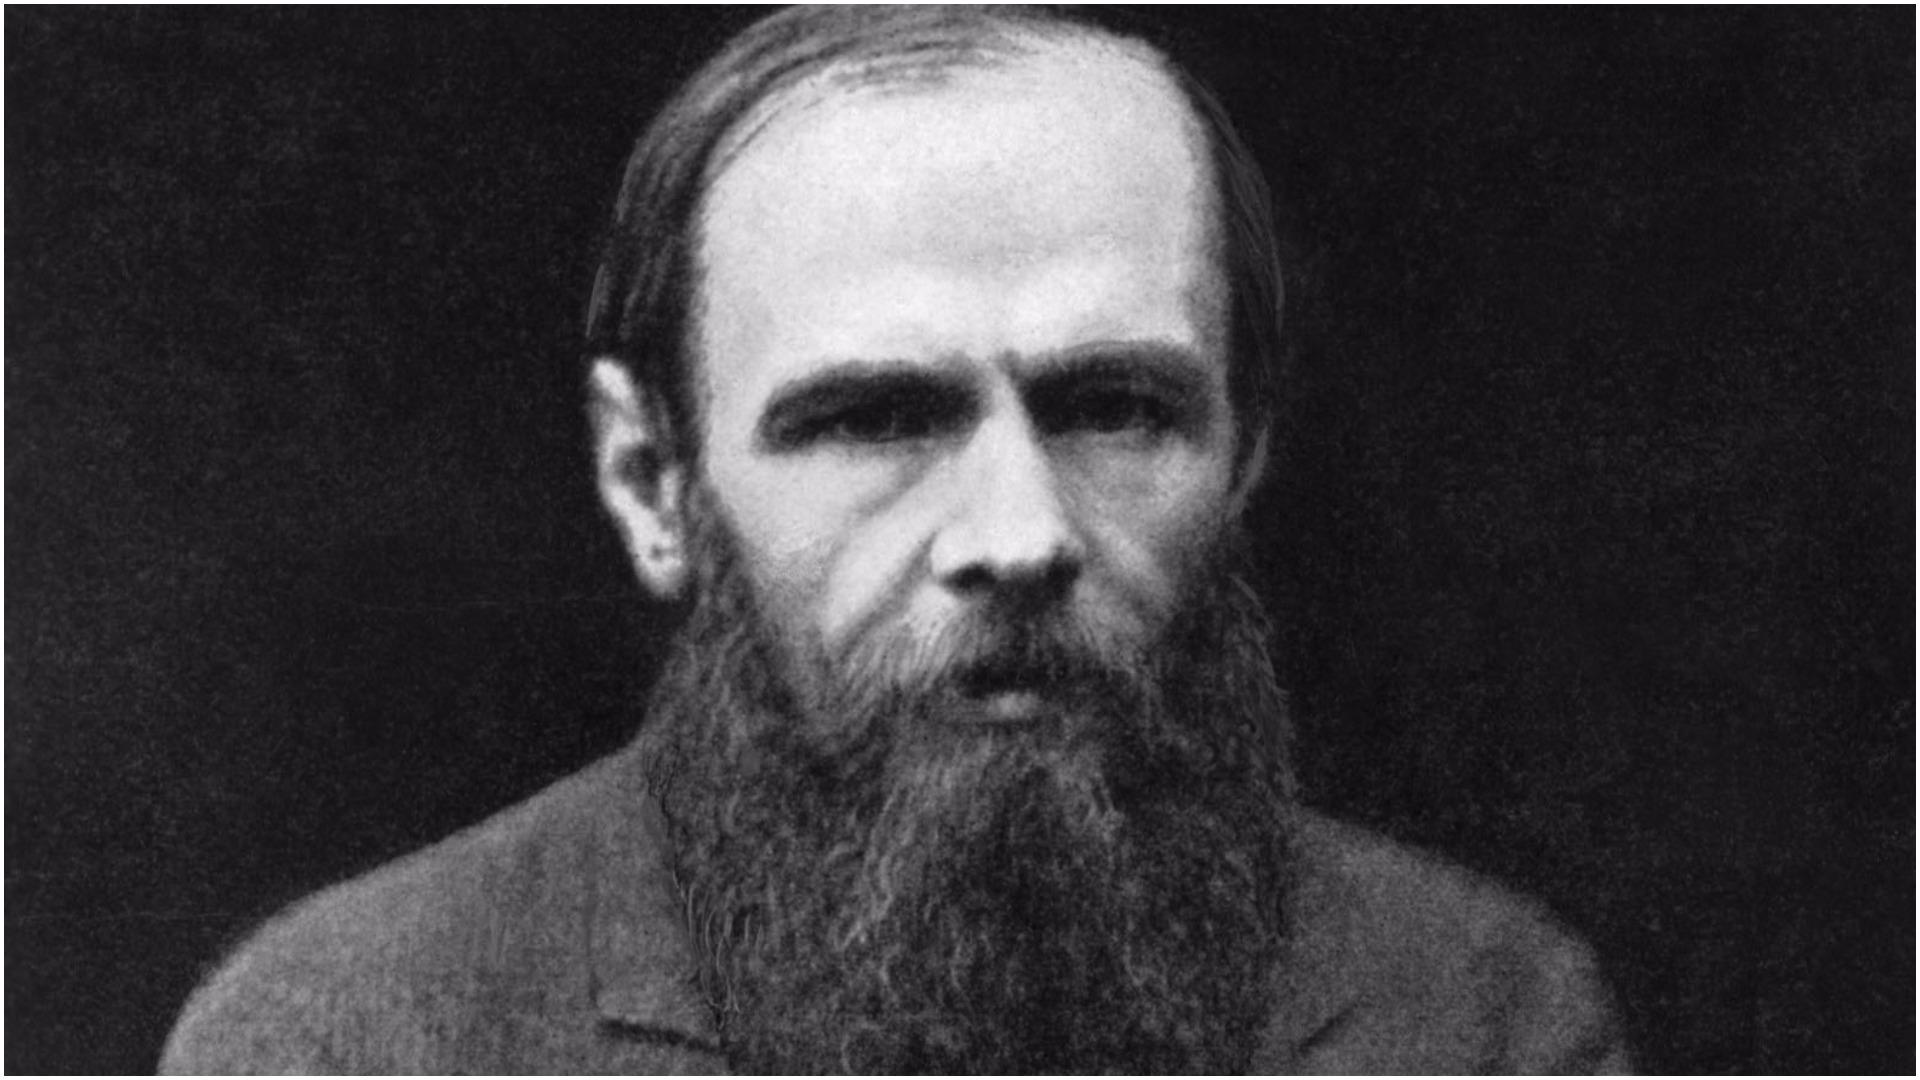 Σαν σήμερα πεθαίνει ο Φιόντορ Ντοστογιέφσκι